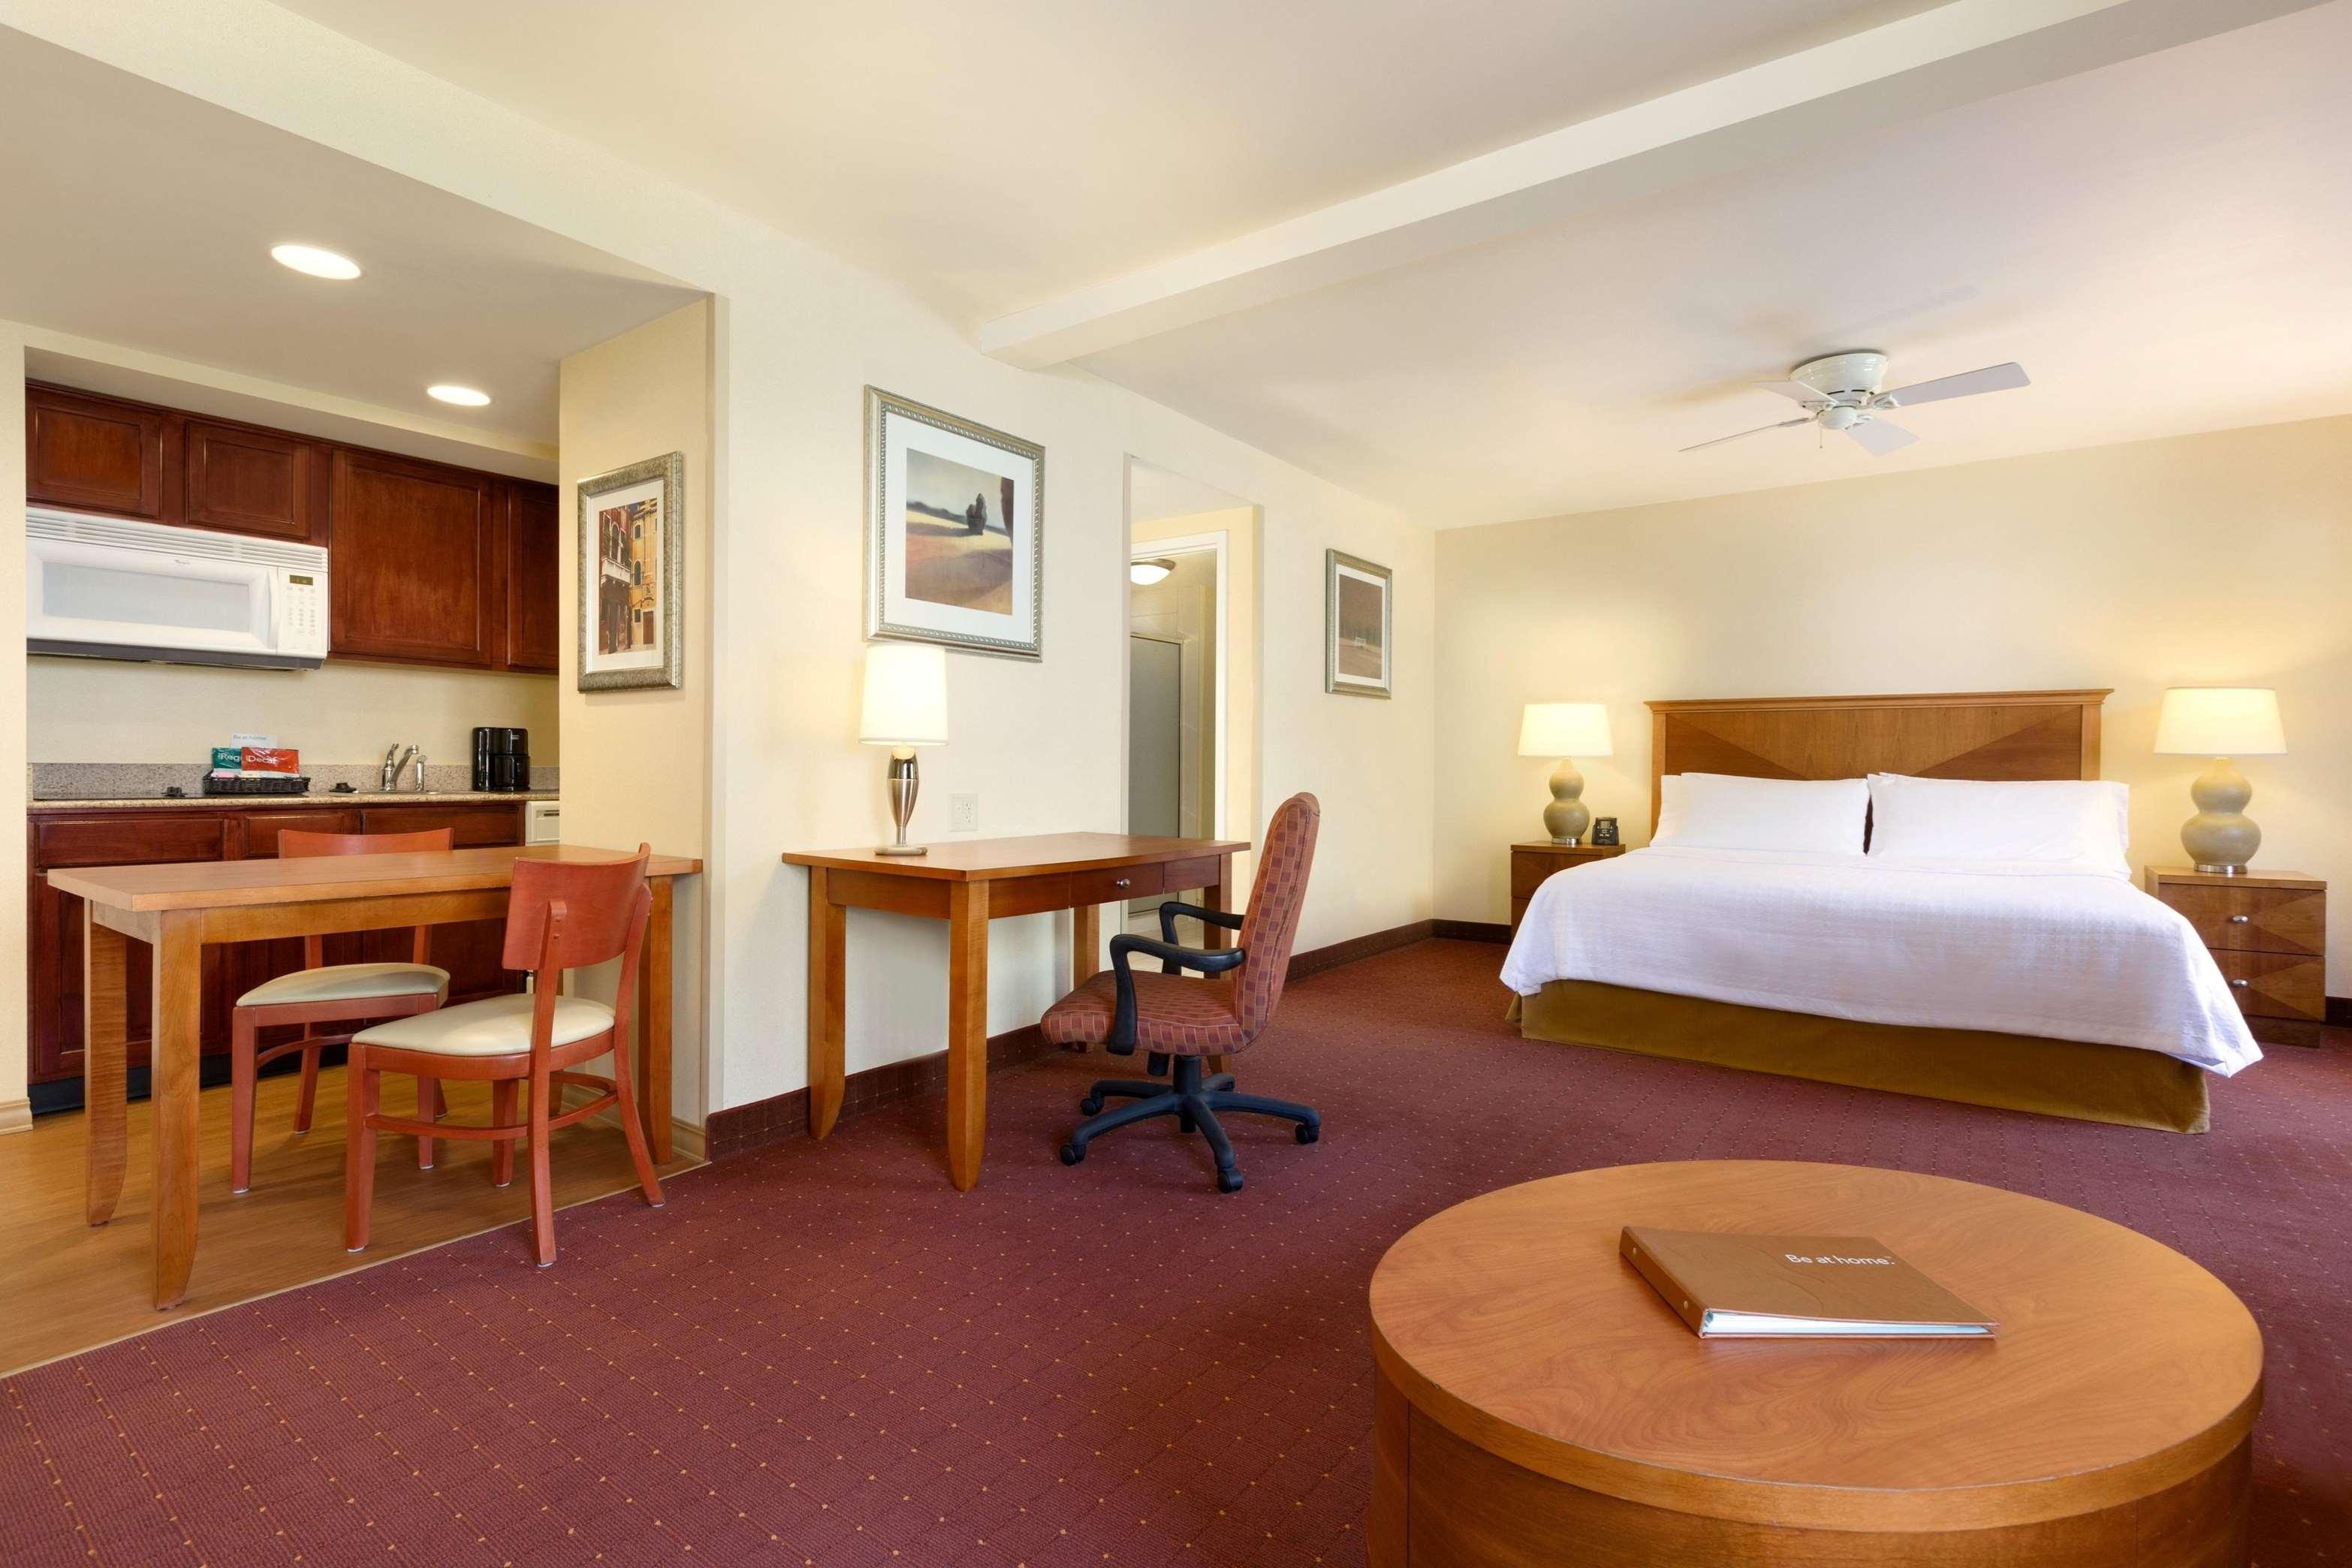 Homewood Suites by Hilton Dulles-North/Loudoun image 22